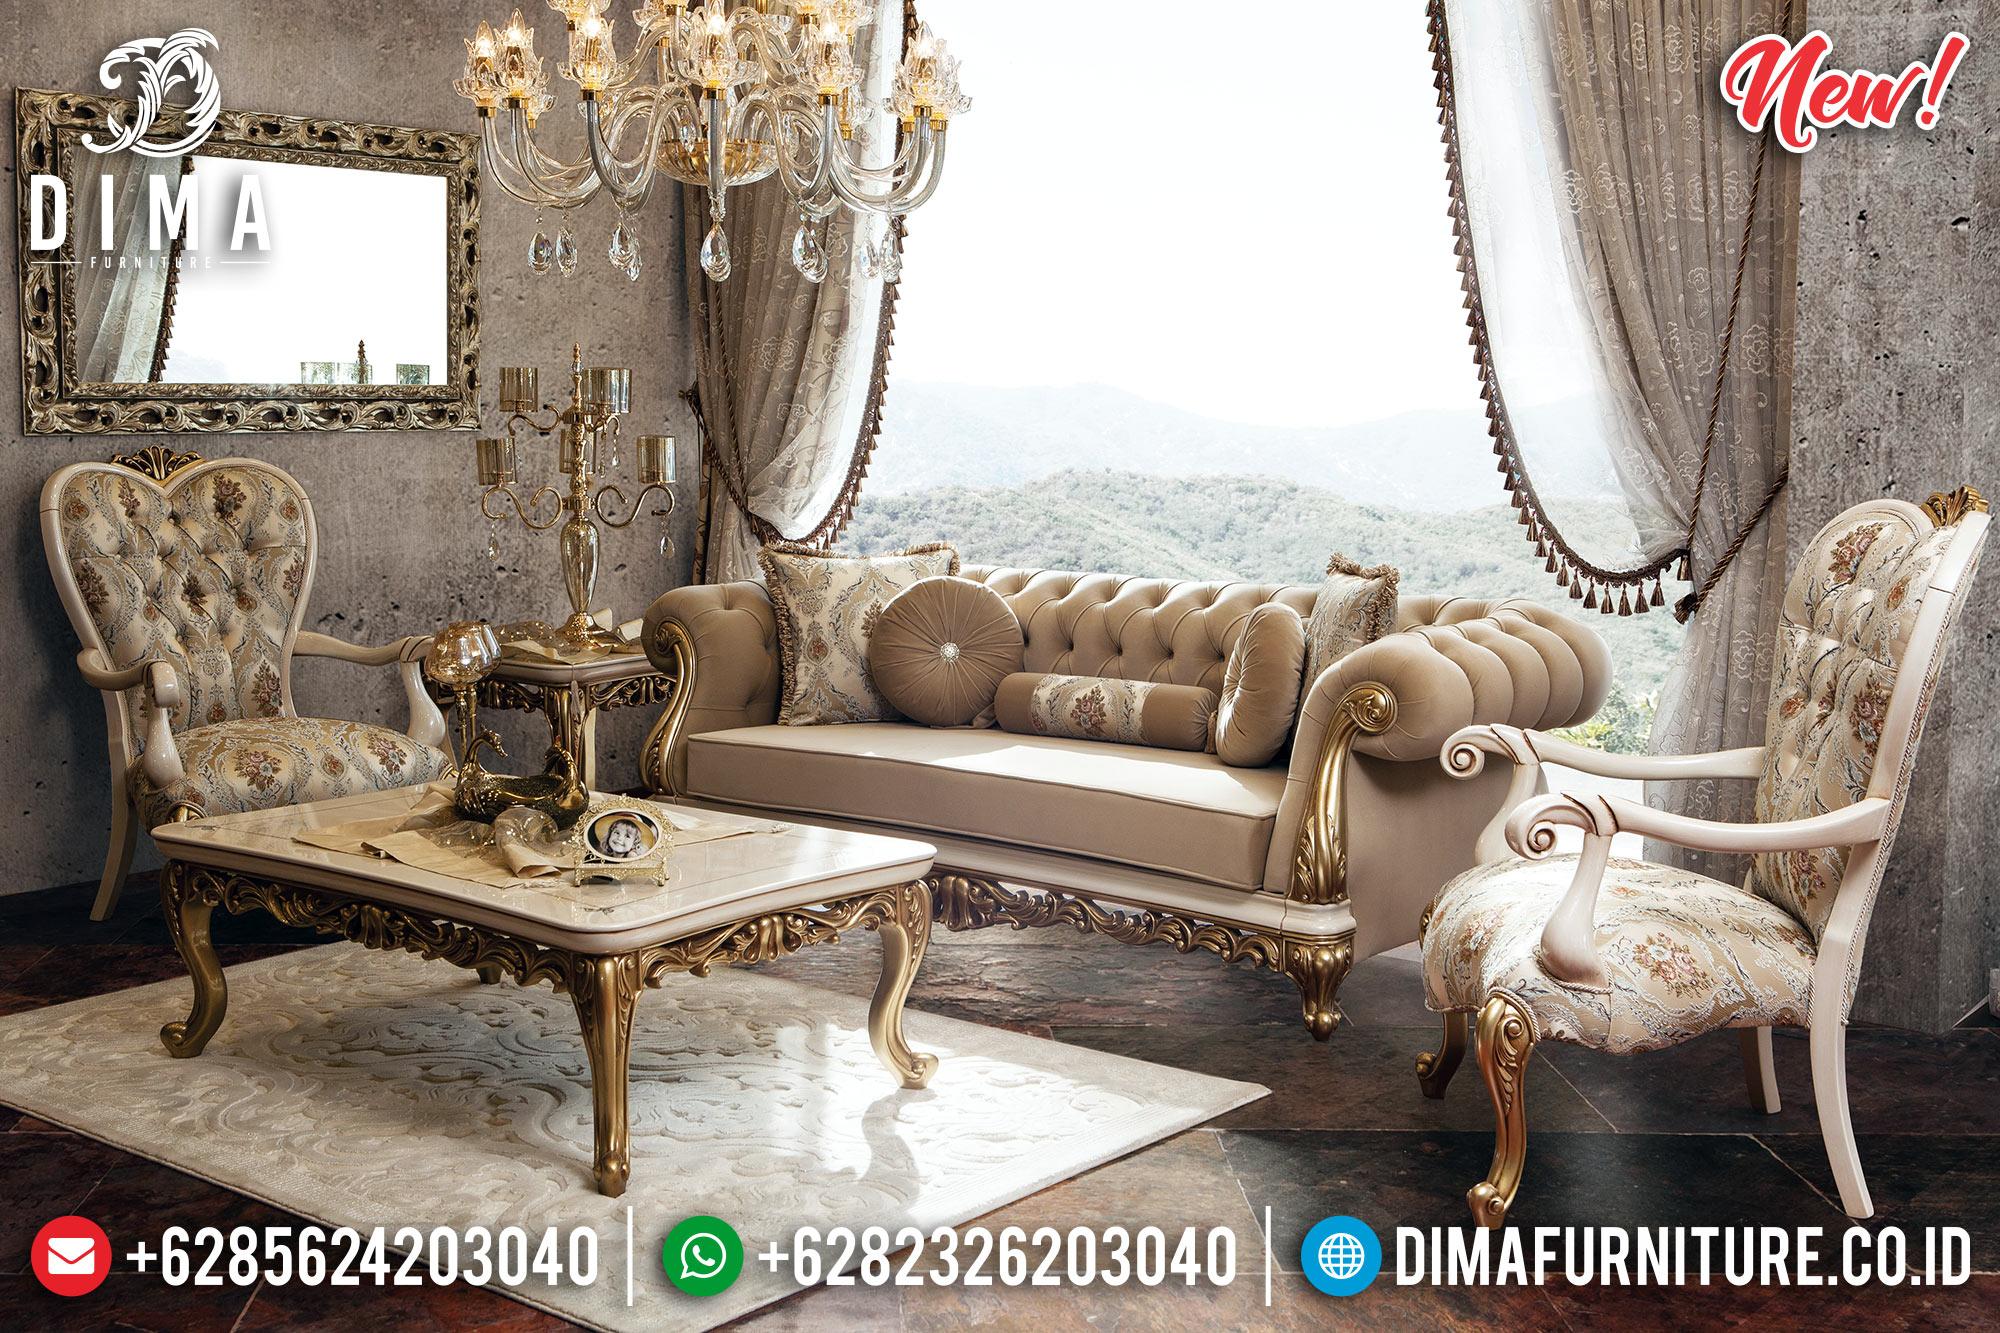 Set 3 2 1 Sofa Tamu Mewah Duco Gold Koltuk BT-0200